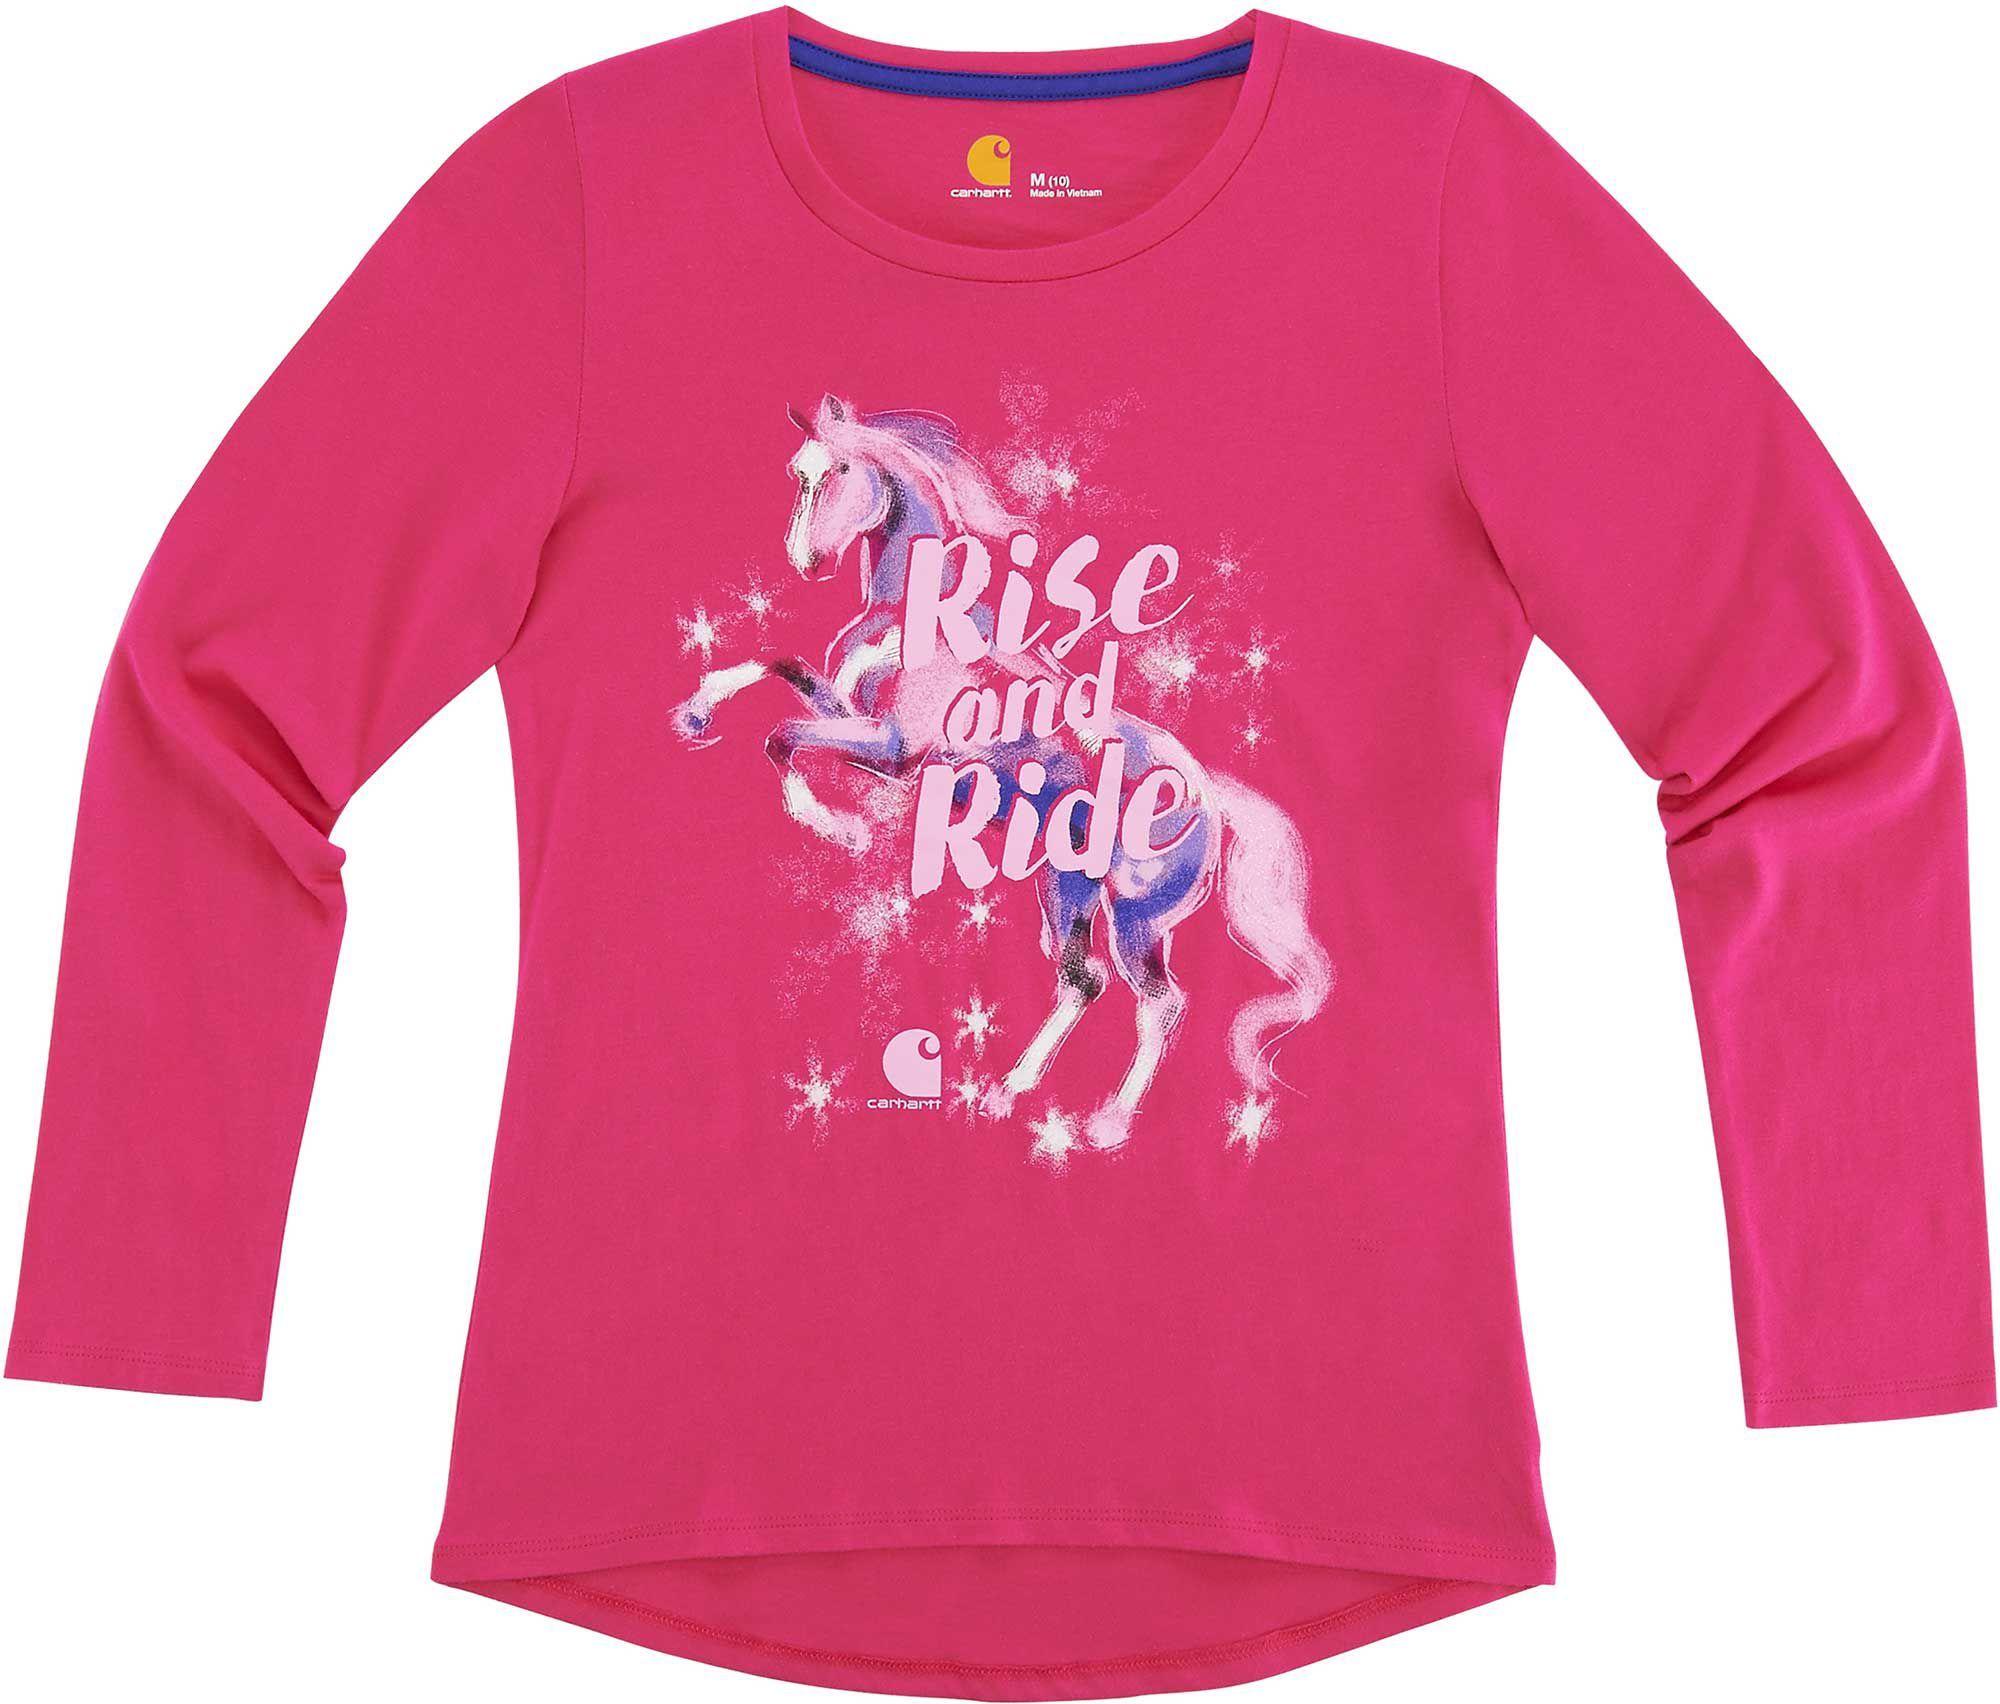 c8ac4e975 Carhartt Little Girls' Rise & Ride Horse Long Sleeve Shirt, Bright Pink